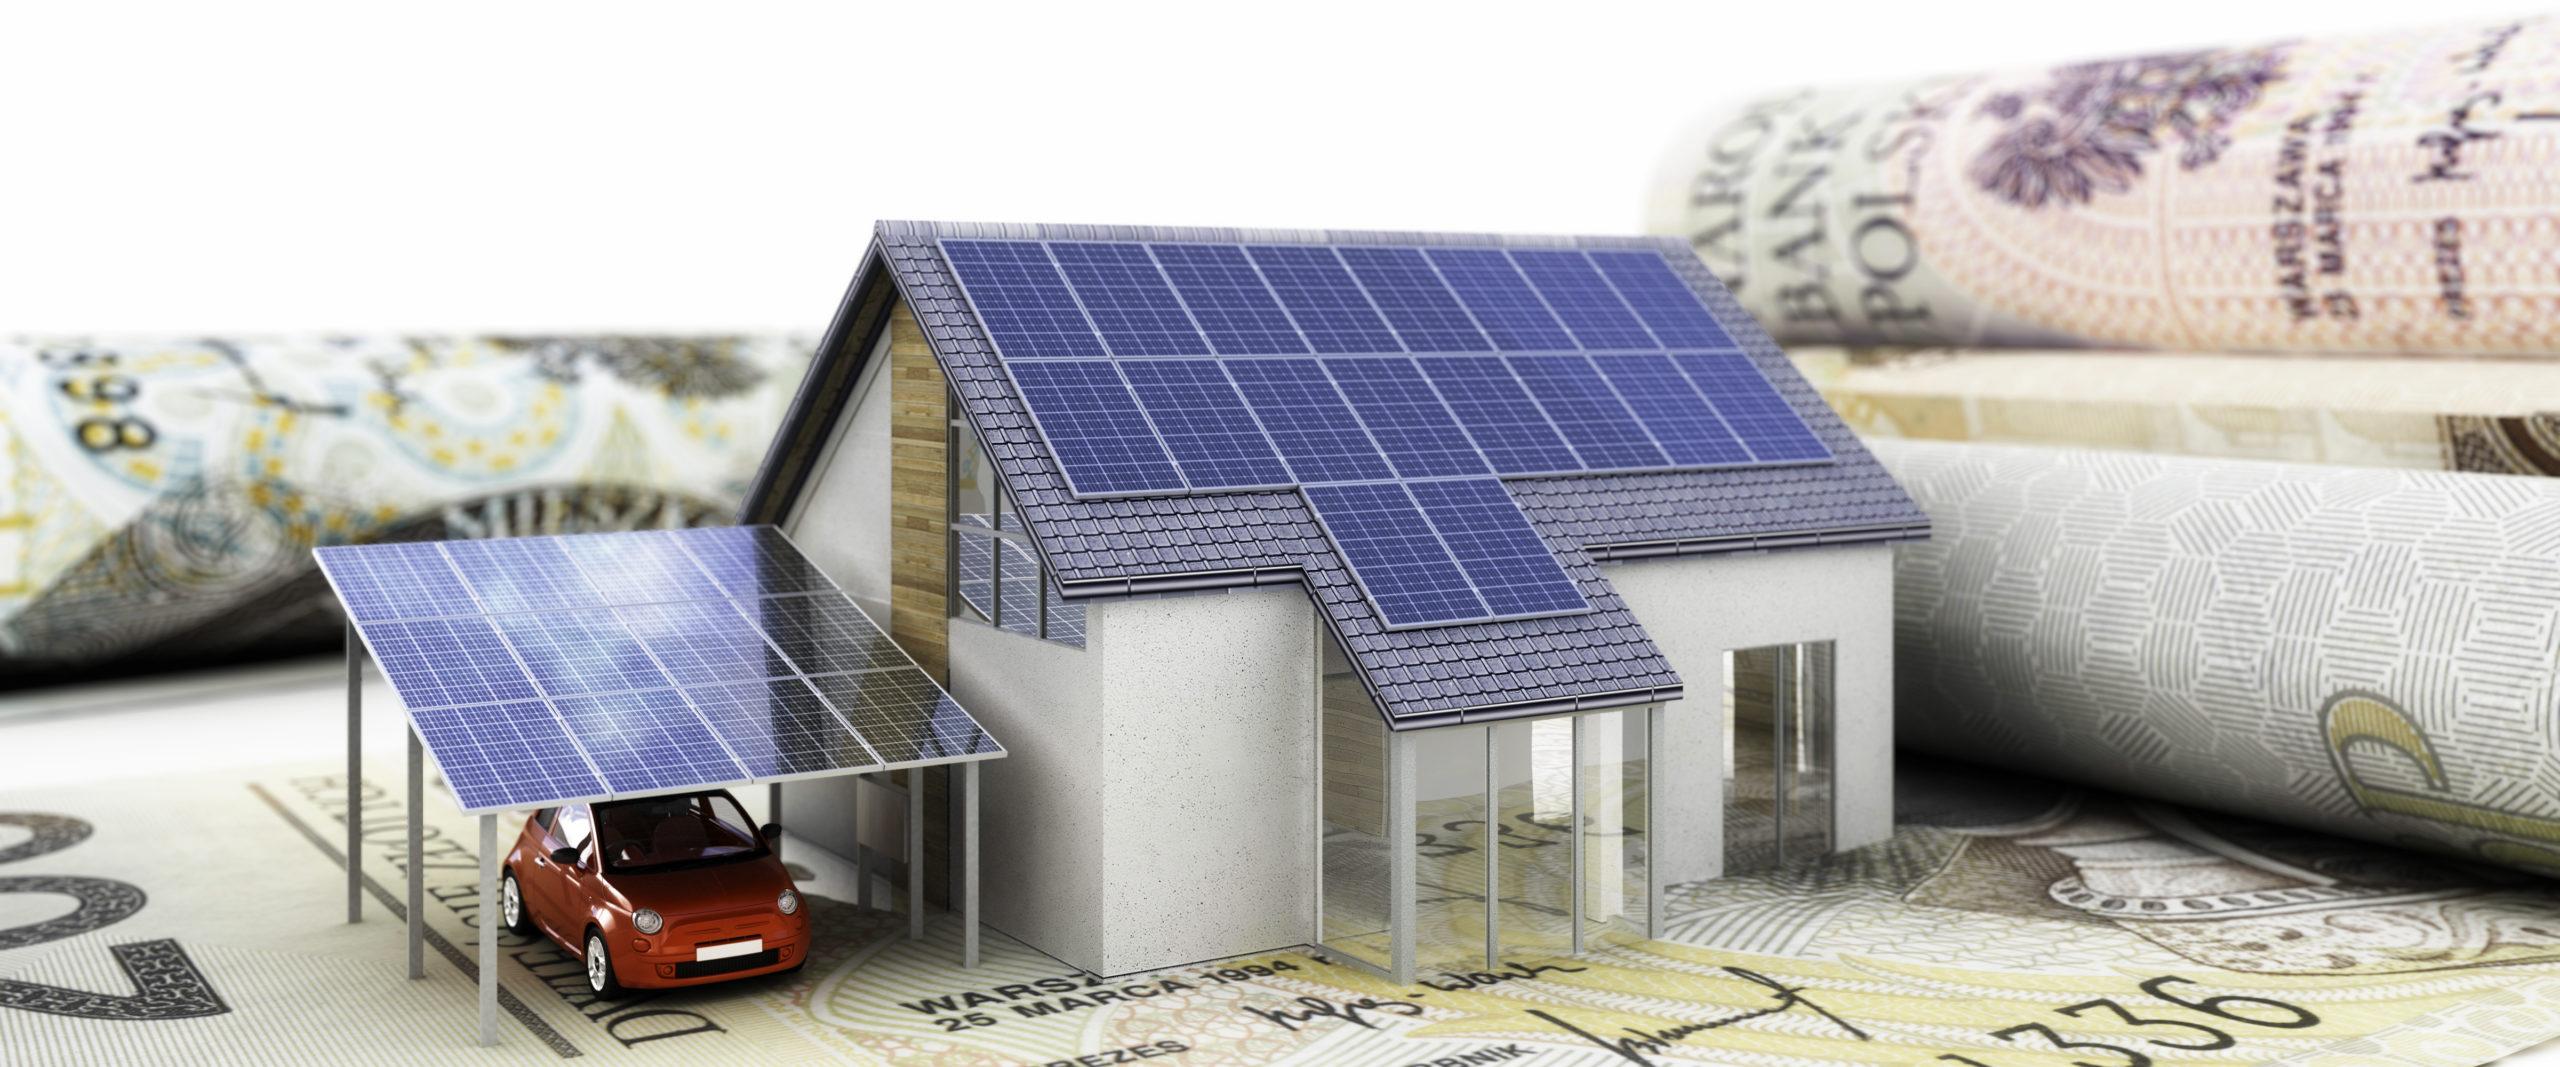 Fotowoltaika off grid. Wady i zalety rozwiązania oraz przyszłość instalacji wyspowych